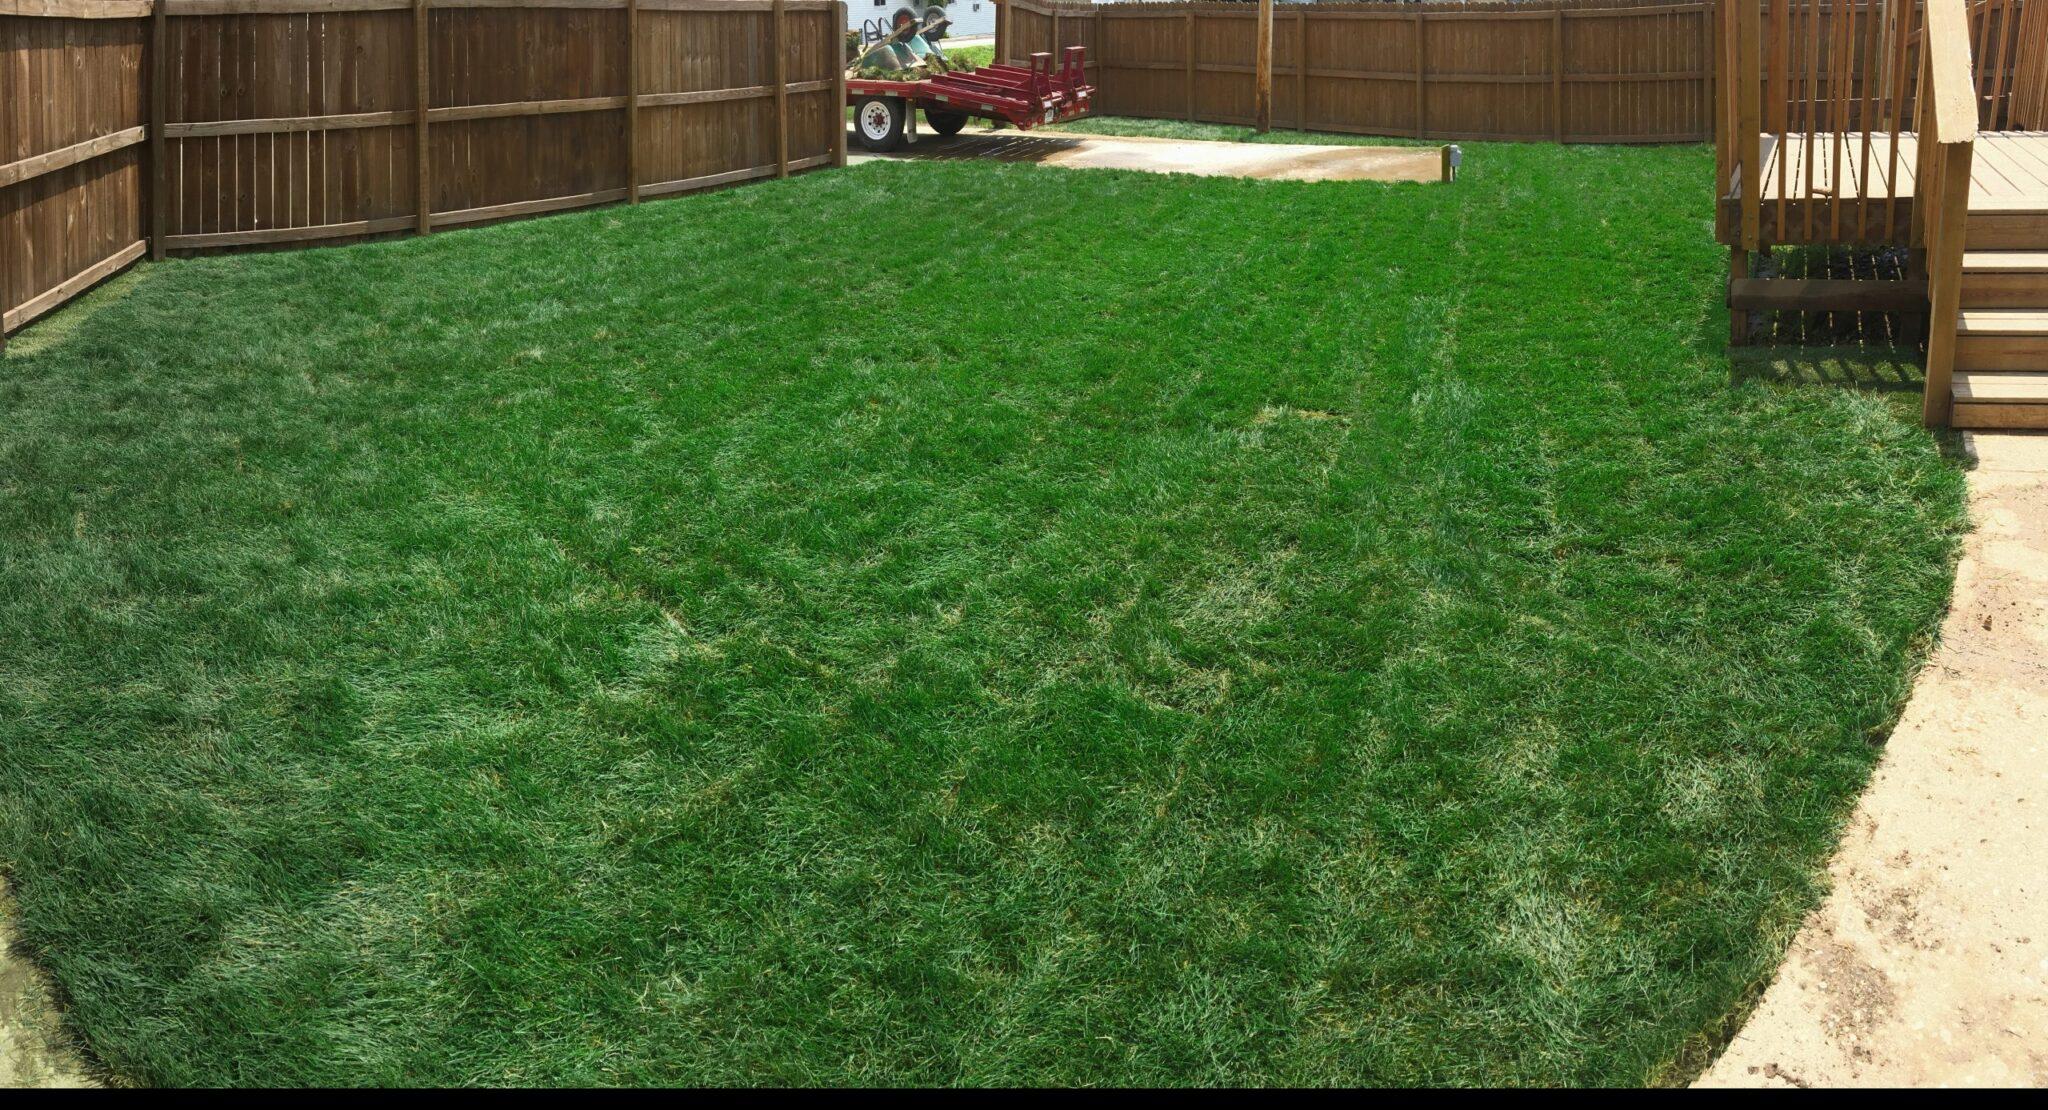 Newly Sodded Lawn